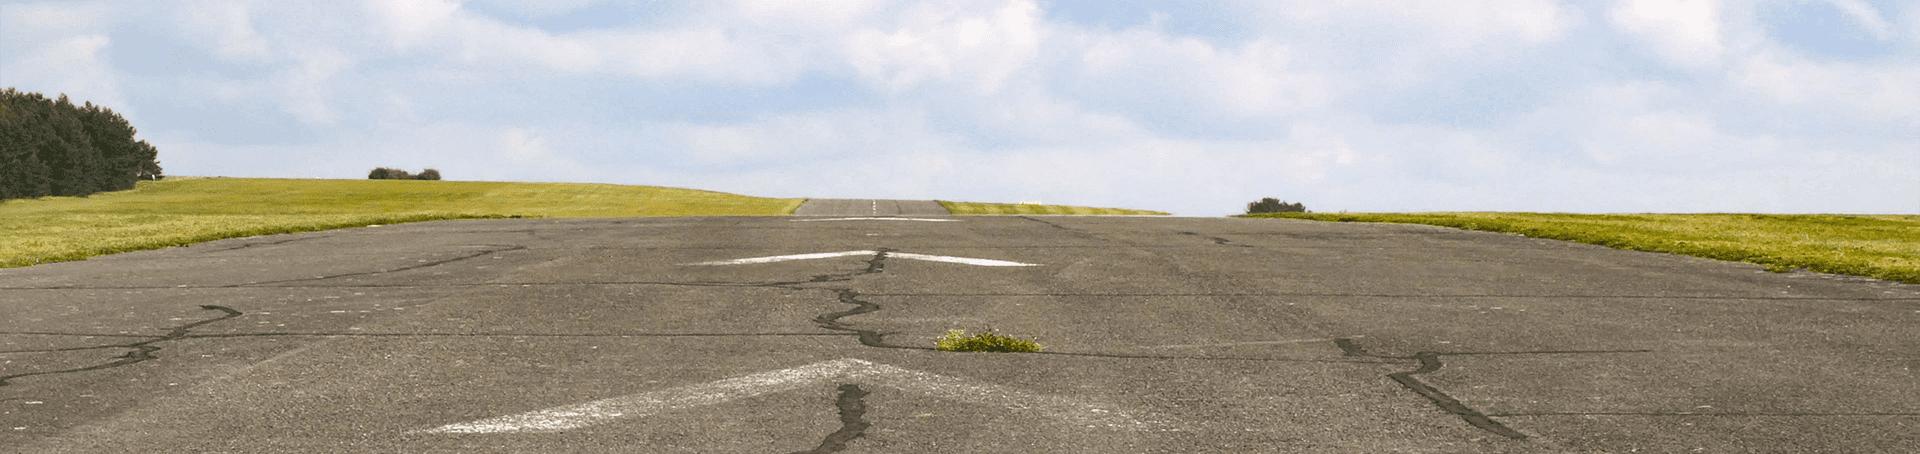 Das Flugfeld vom Flugplatz Feuerstein